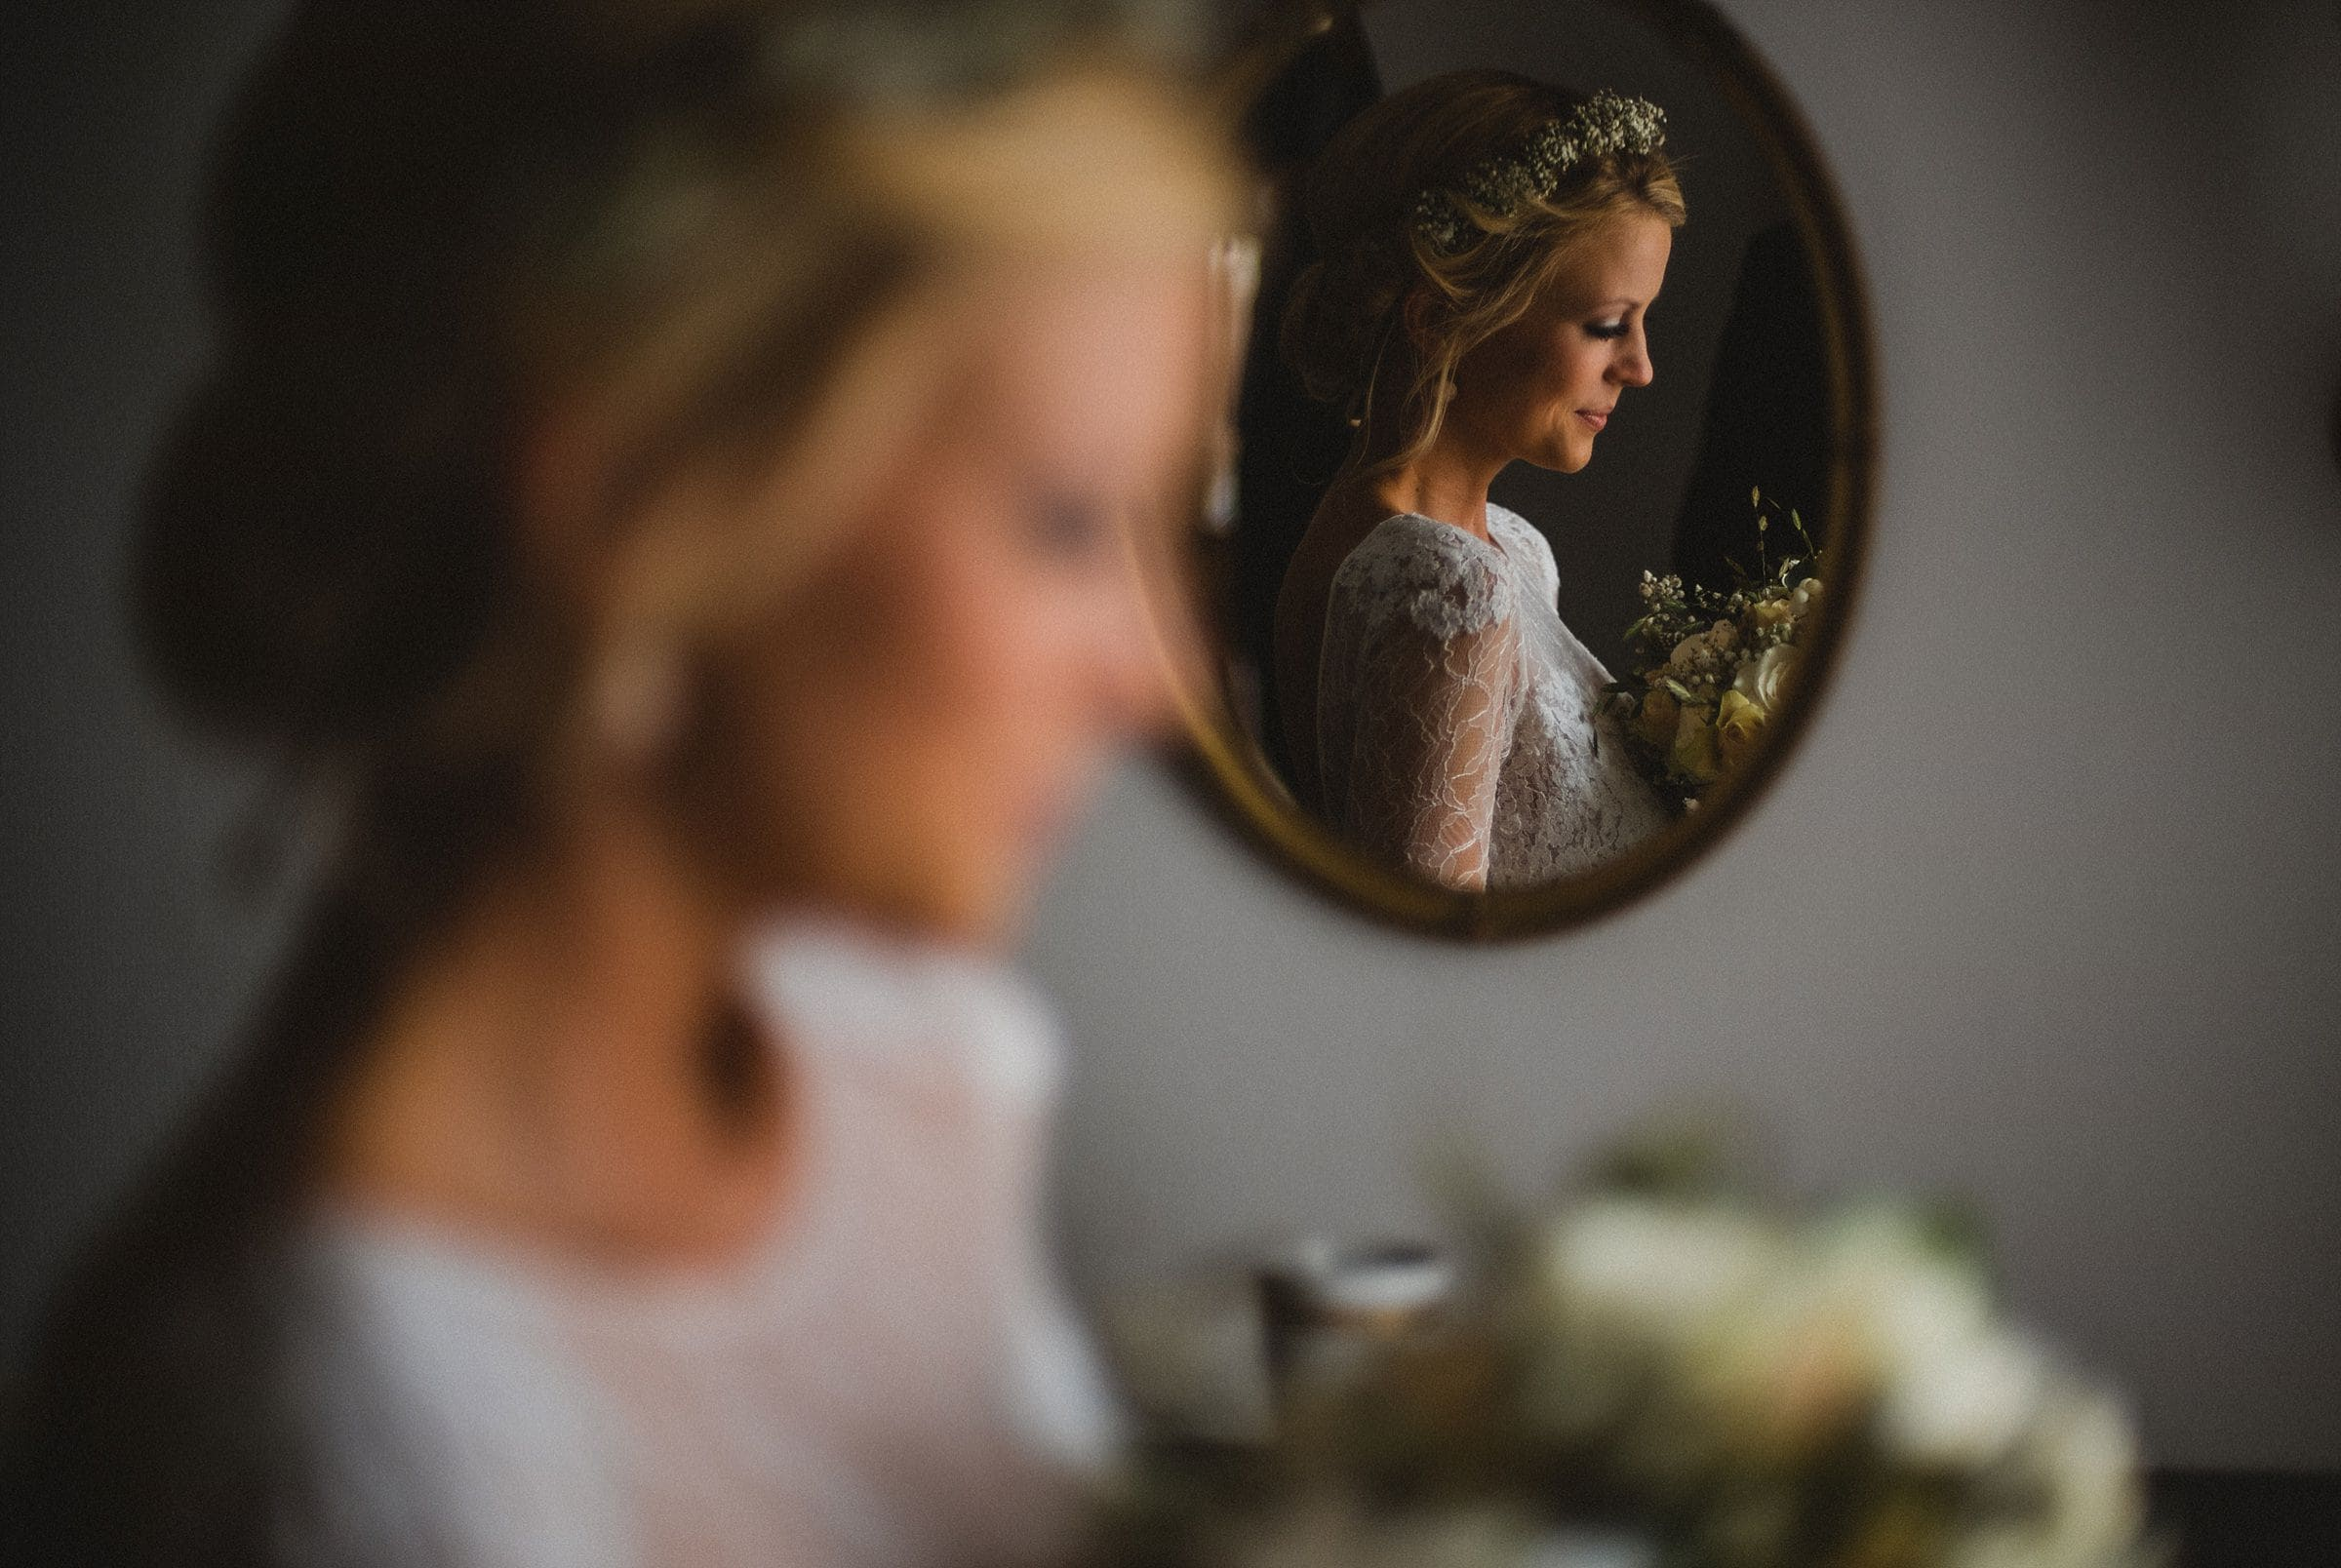 Hochzeitsfotografie Hamburg-Frau-Siemers-Gut Basthorst- Braut schaut auf den Brautstrauß, spiegelt sich im Spiegel